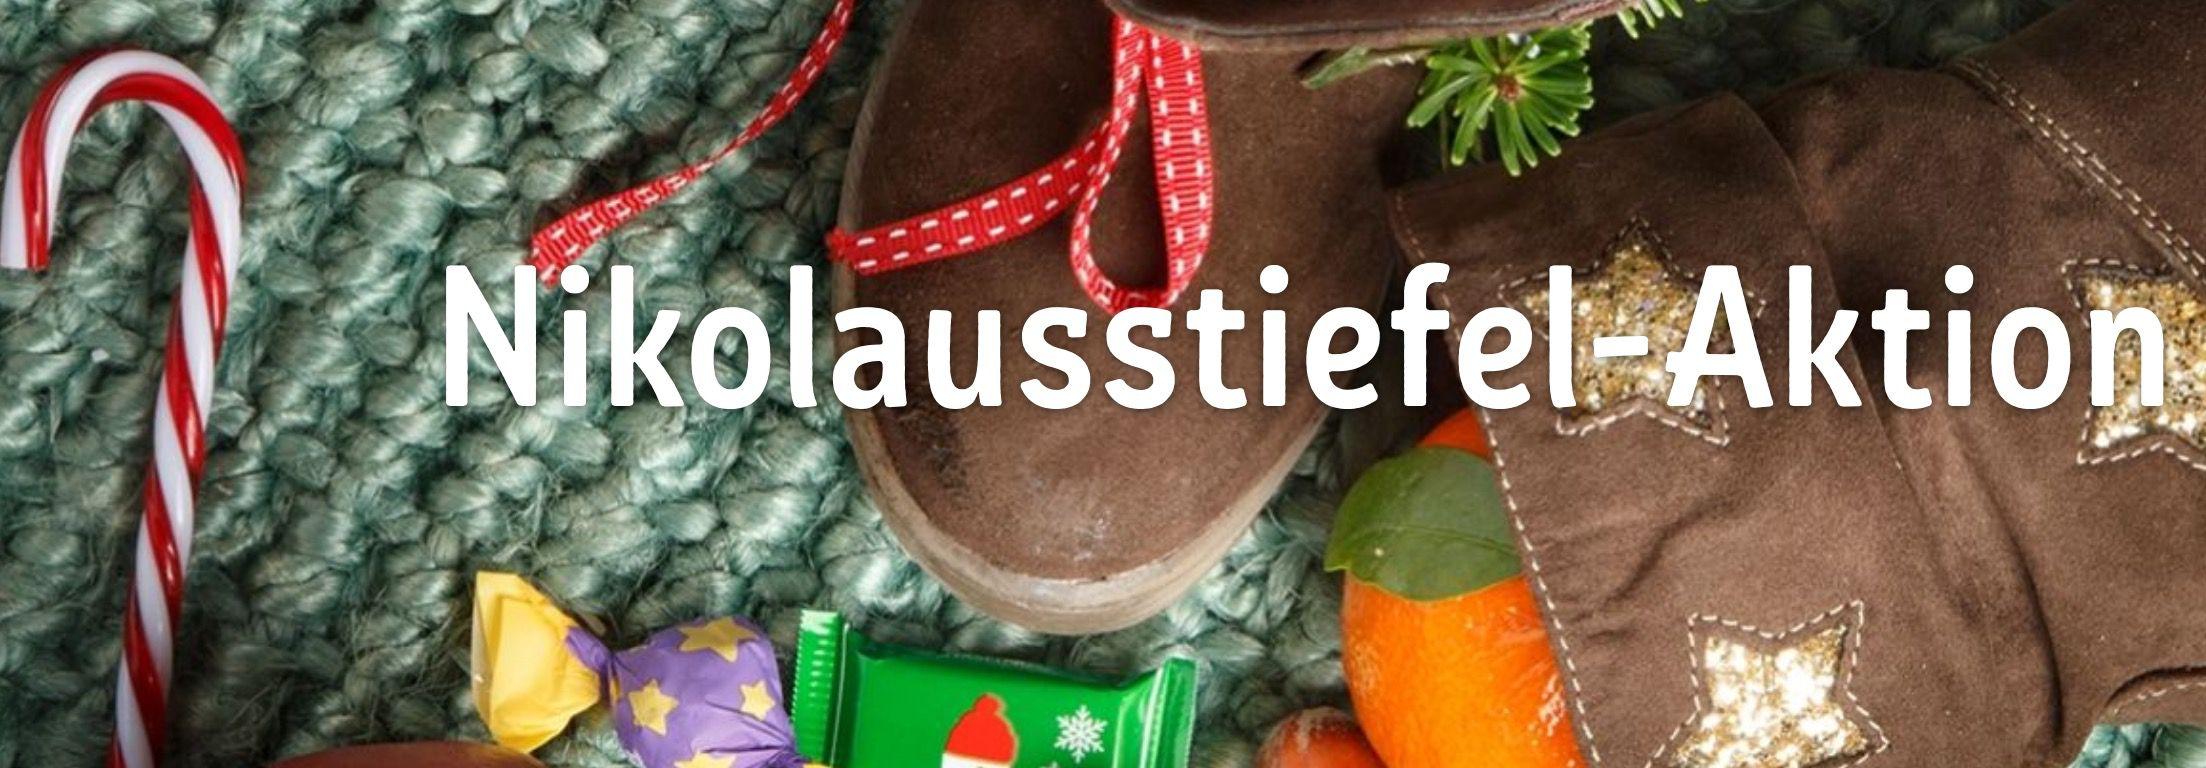 Nikolausstiefel basteln und kostenlos befüllen lassen   Kaufland, Globus, Thalia